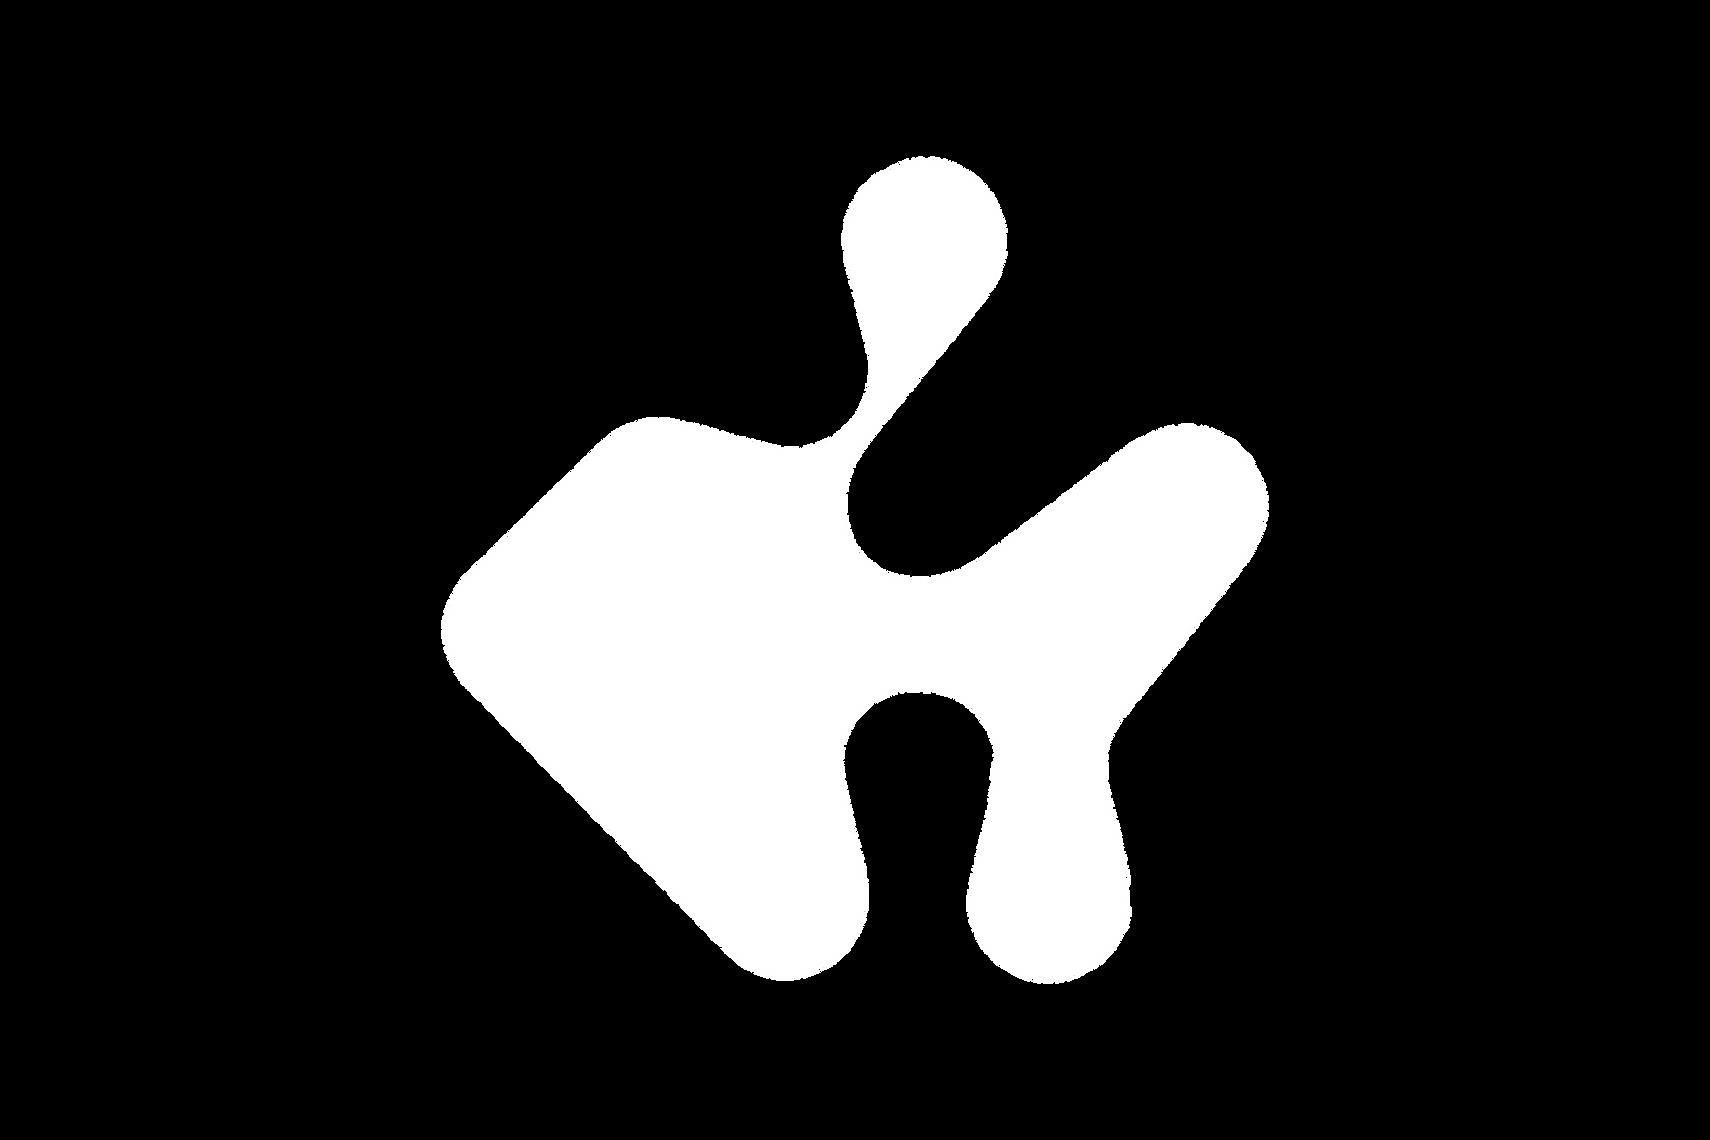 ELEMENTOS_BRANCO logo.png